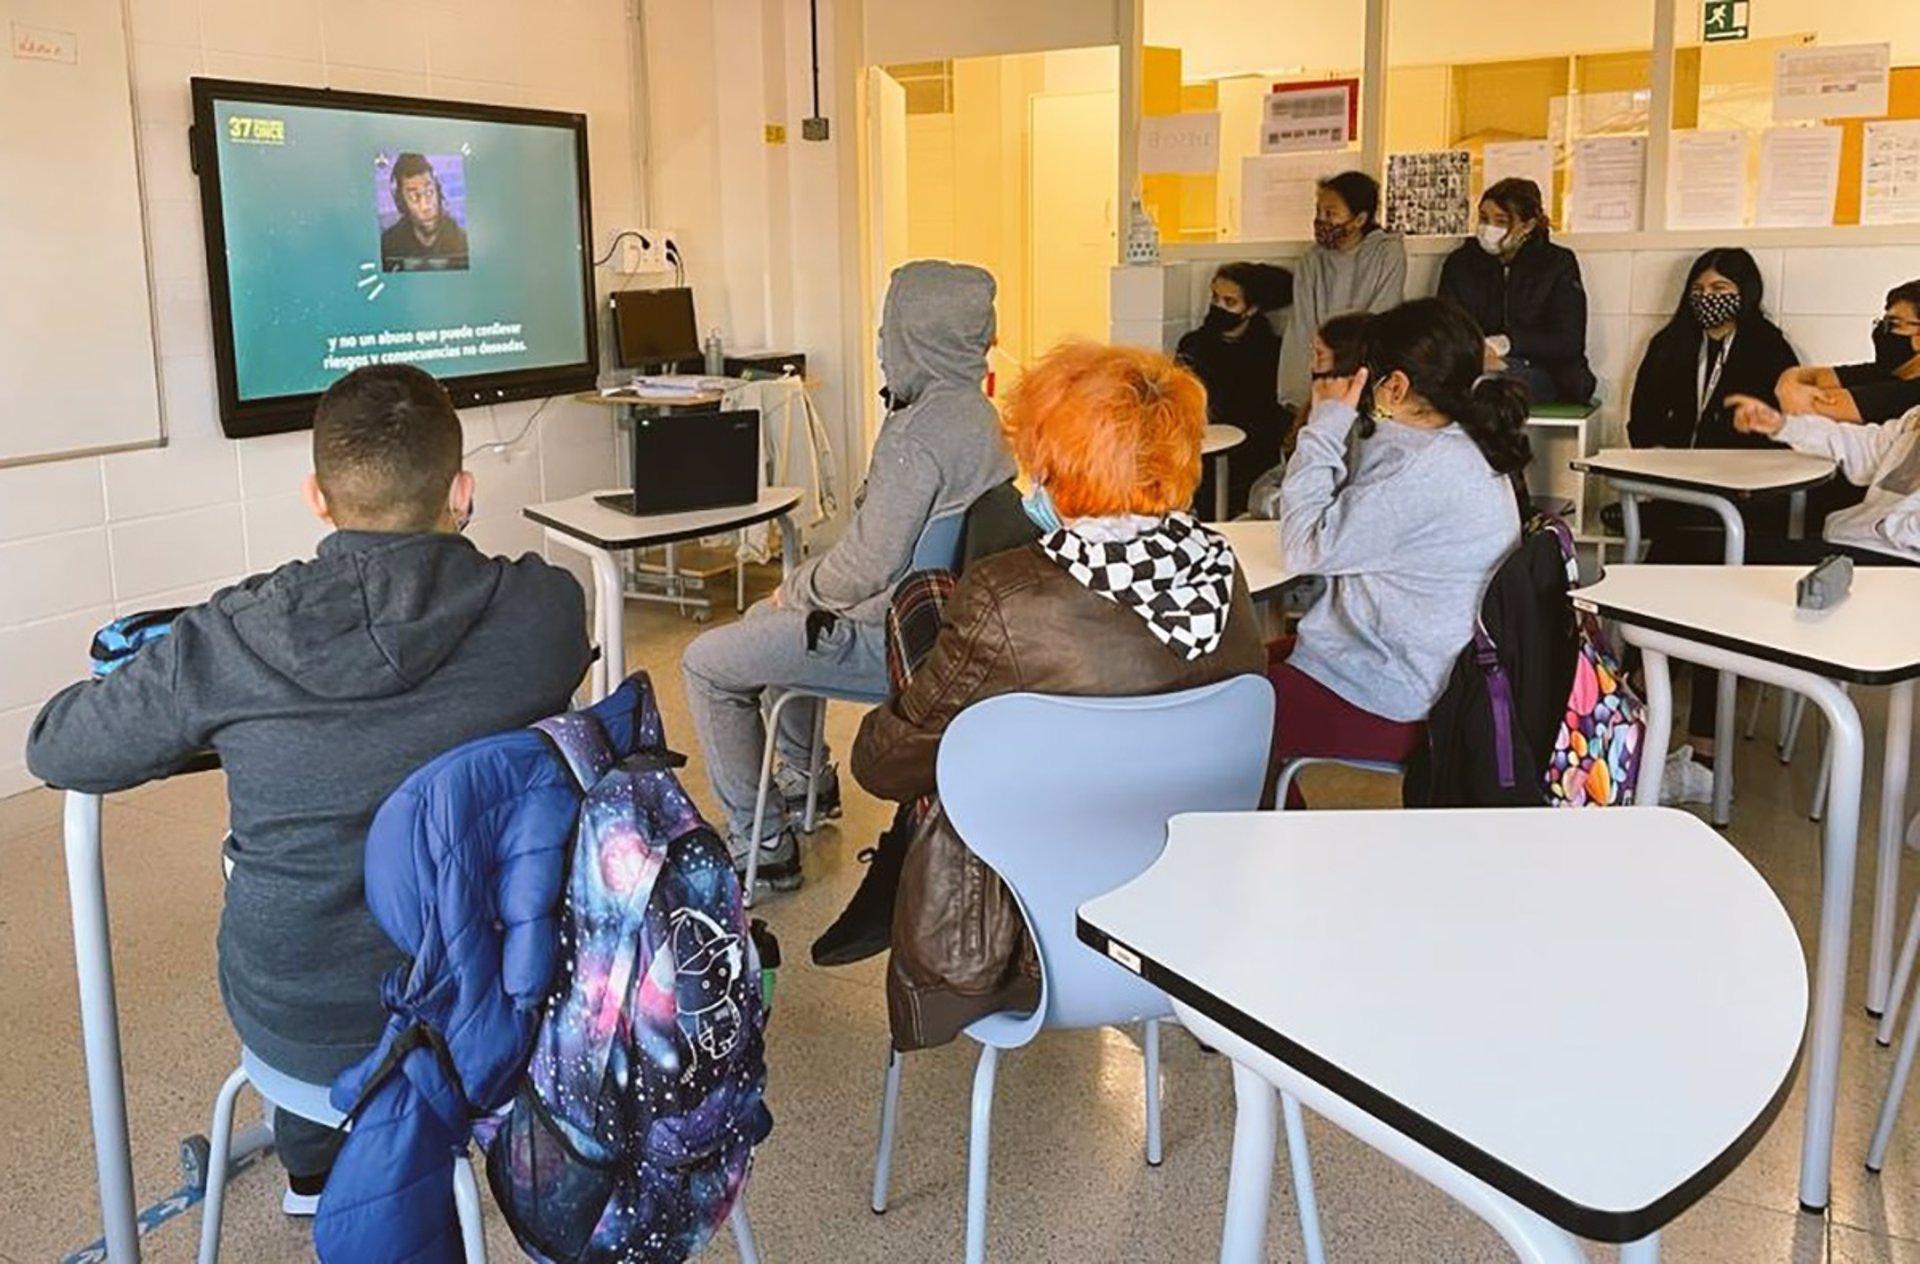 Estudiantes y profesorado trabajan en las adicciones generada por las nuevas tecnologías